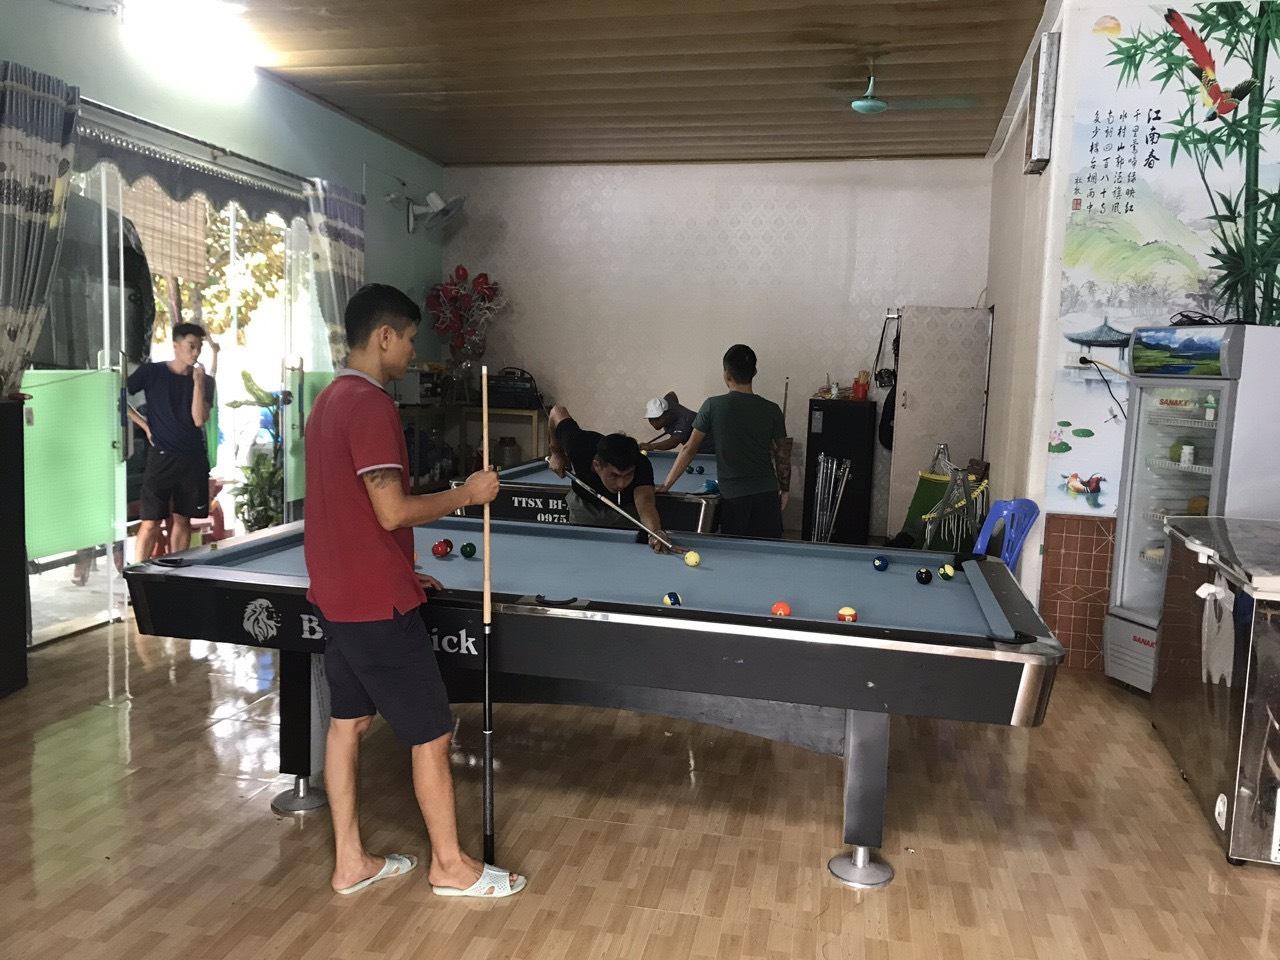 Billiards Hoàn Thúy lắp đặt 2 bàn 9018 tại Thanh Hà, Hải Dương